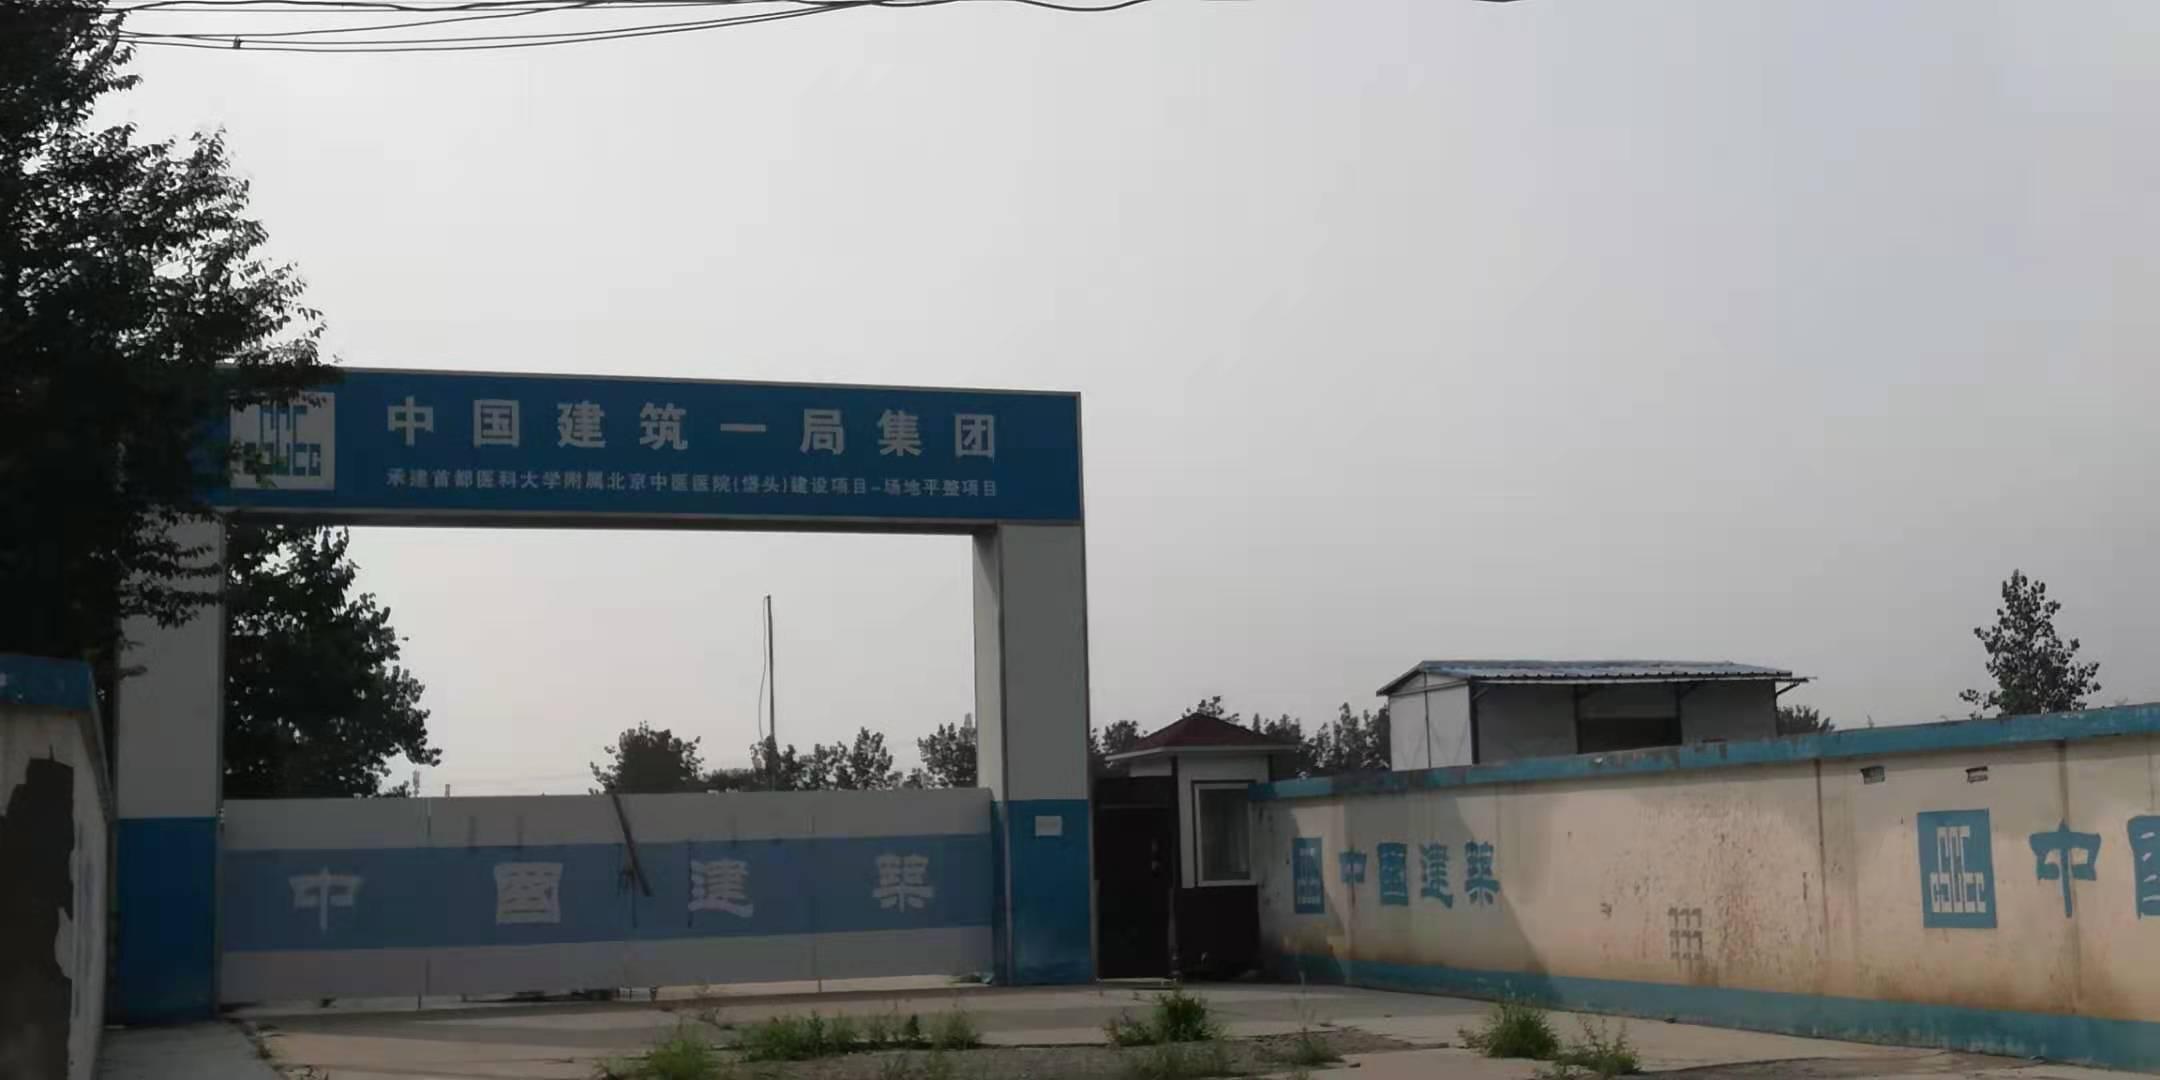 首都医科大学附属北京中医医院(垡头)建设项目(地图02位置).jpg